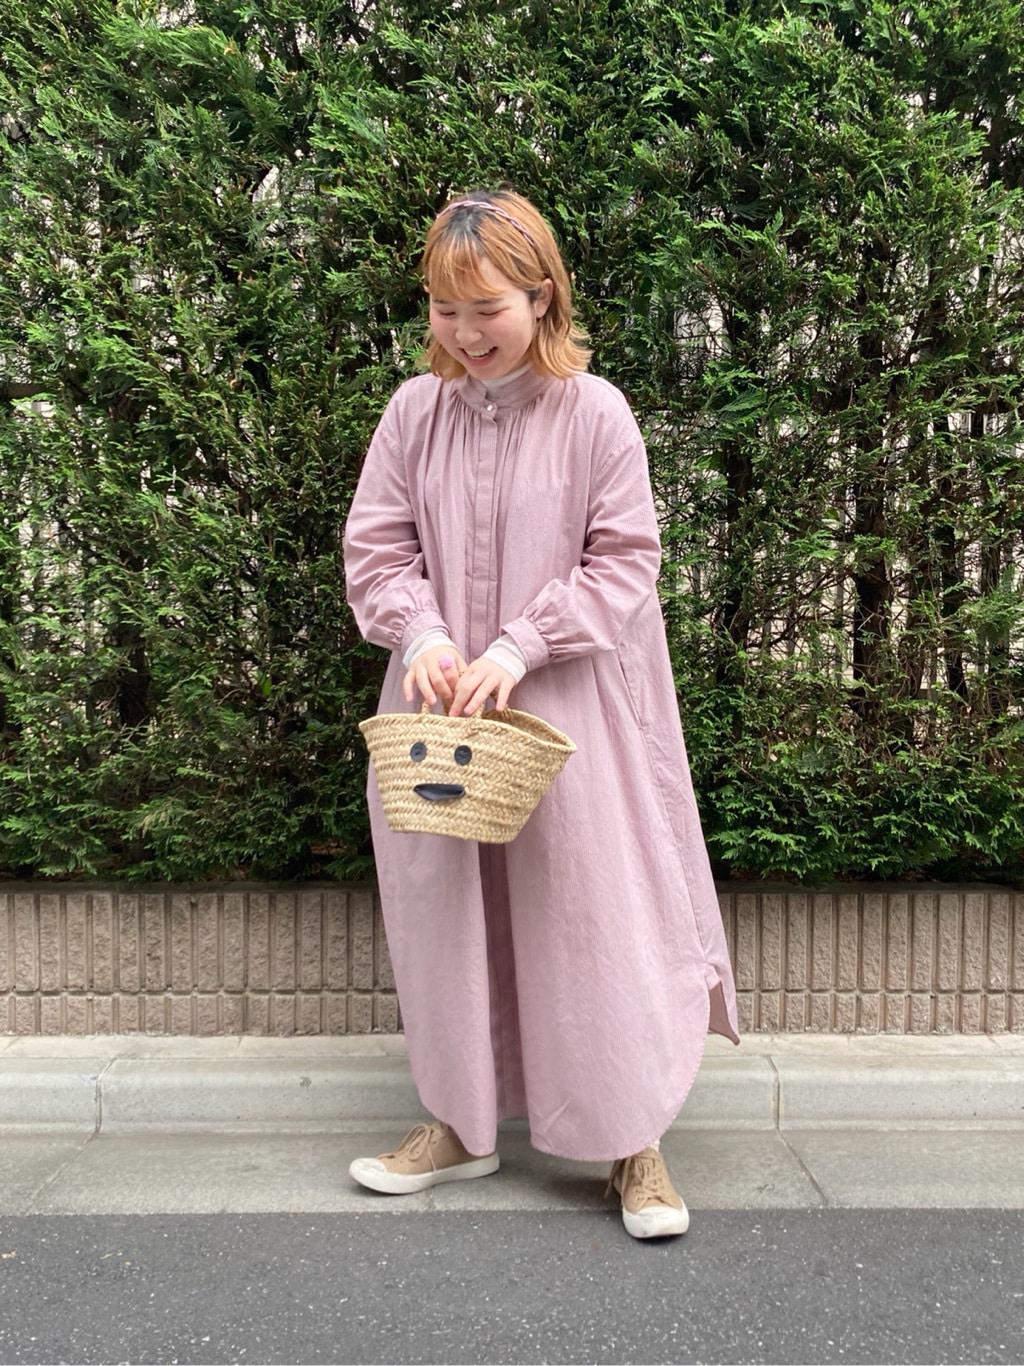 l'atelier du savon 東京スカイツリータウン・ソラマチ 身長:154cm 2021.04.21